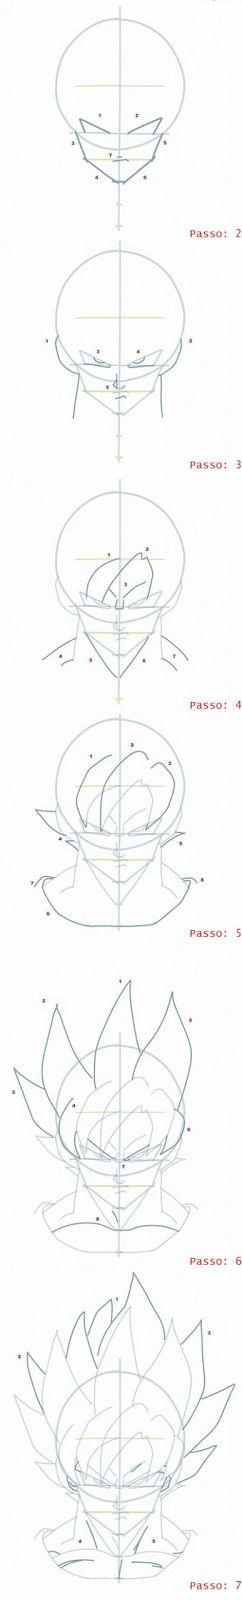 Desenhando goku ssj passo 2 ao final~ Draw ProjecT